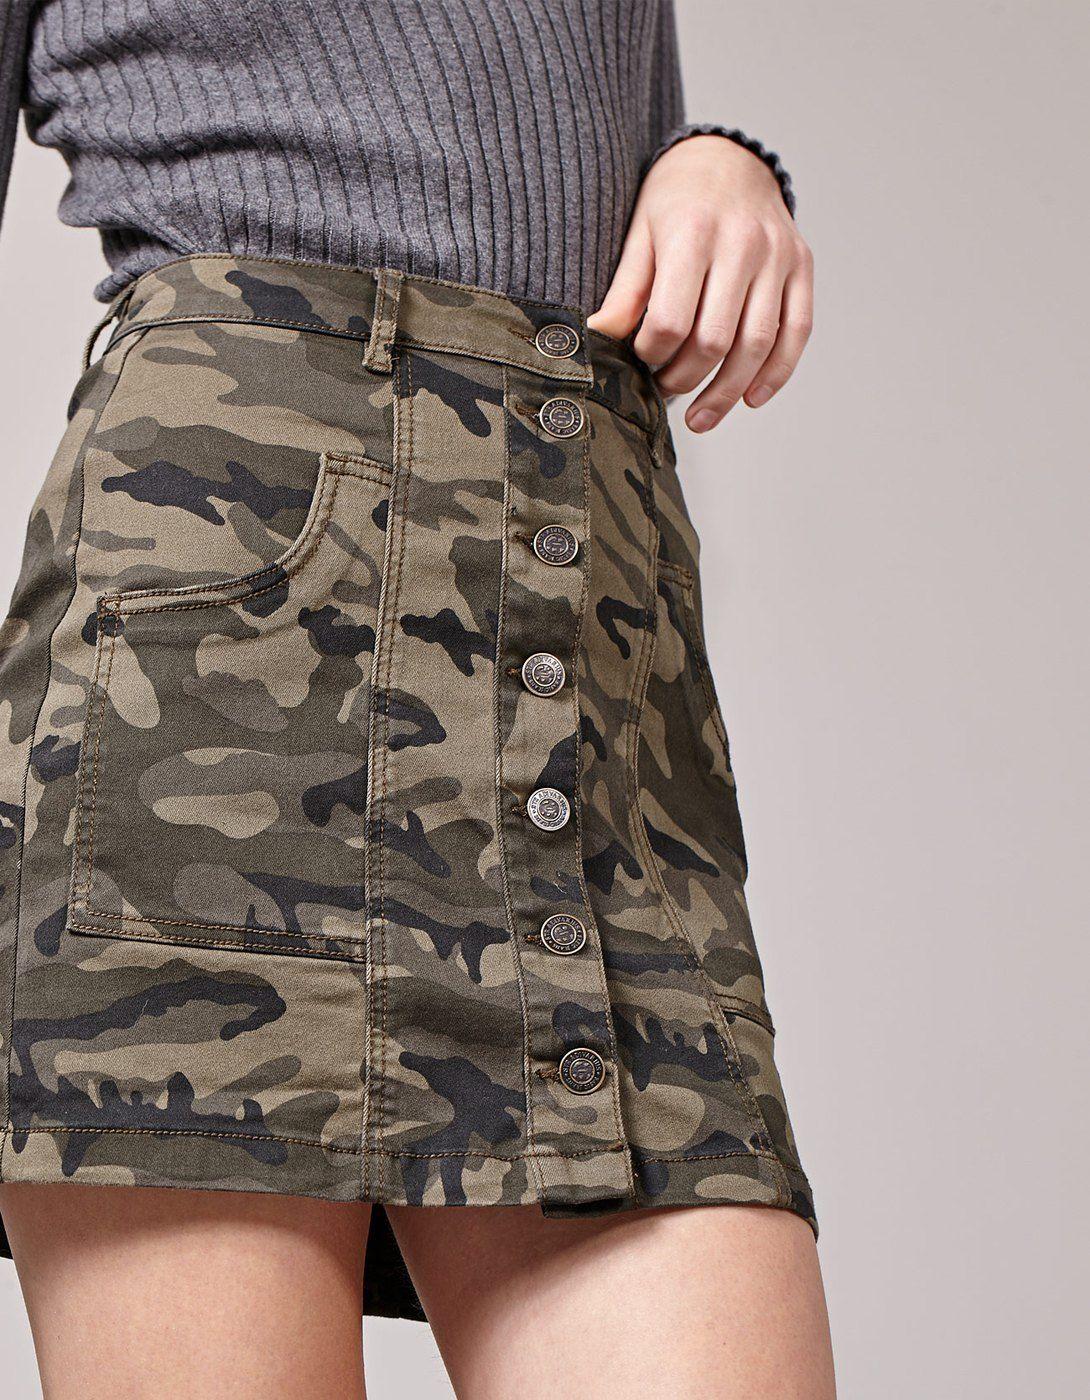 6ac831094 Falda camuflaje | faldas en 2019 | Falda de camuflaje, Ropa ...